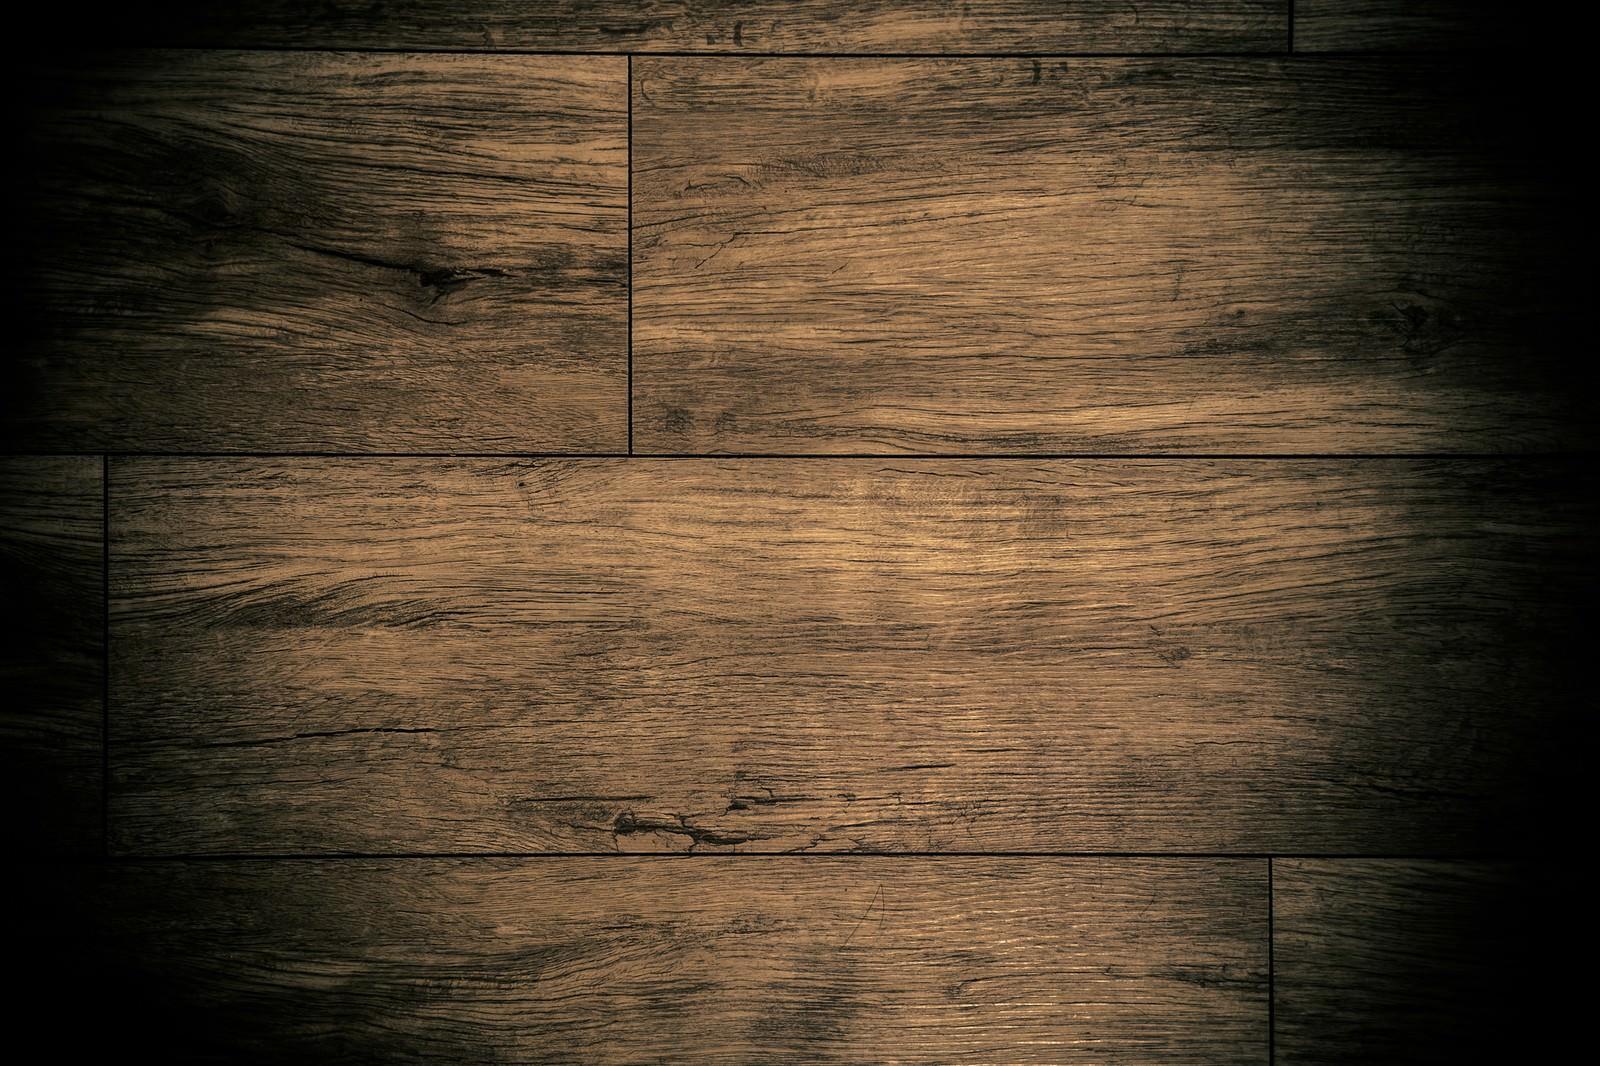 「呪われた床」の写真